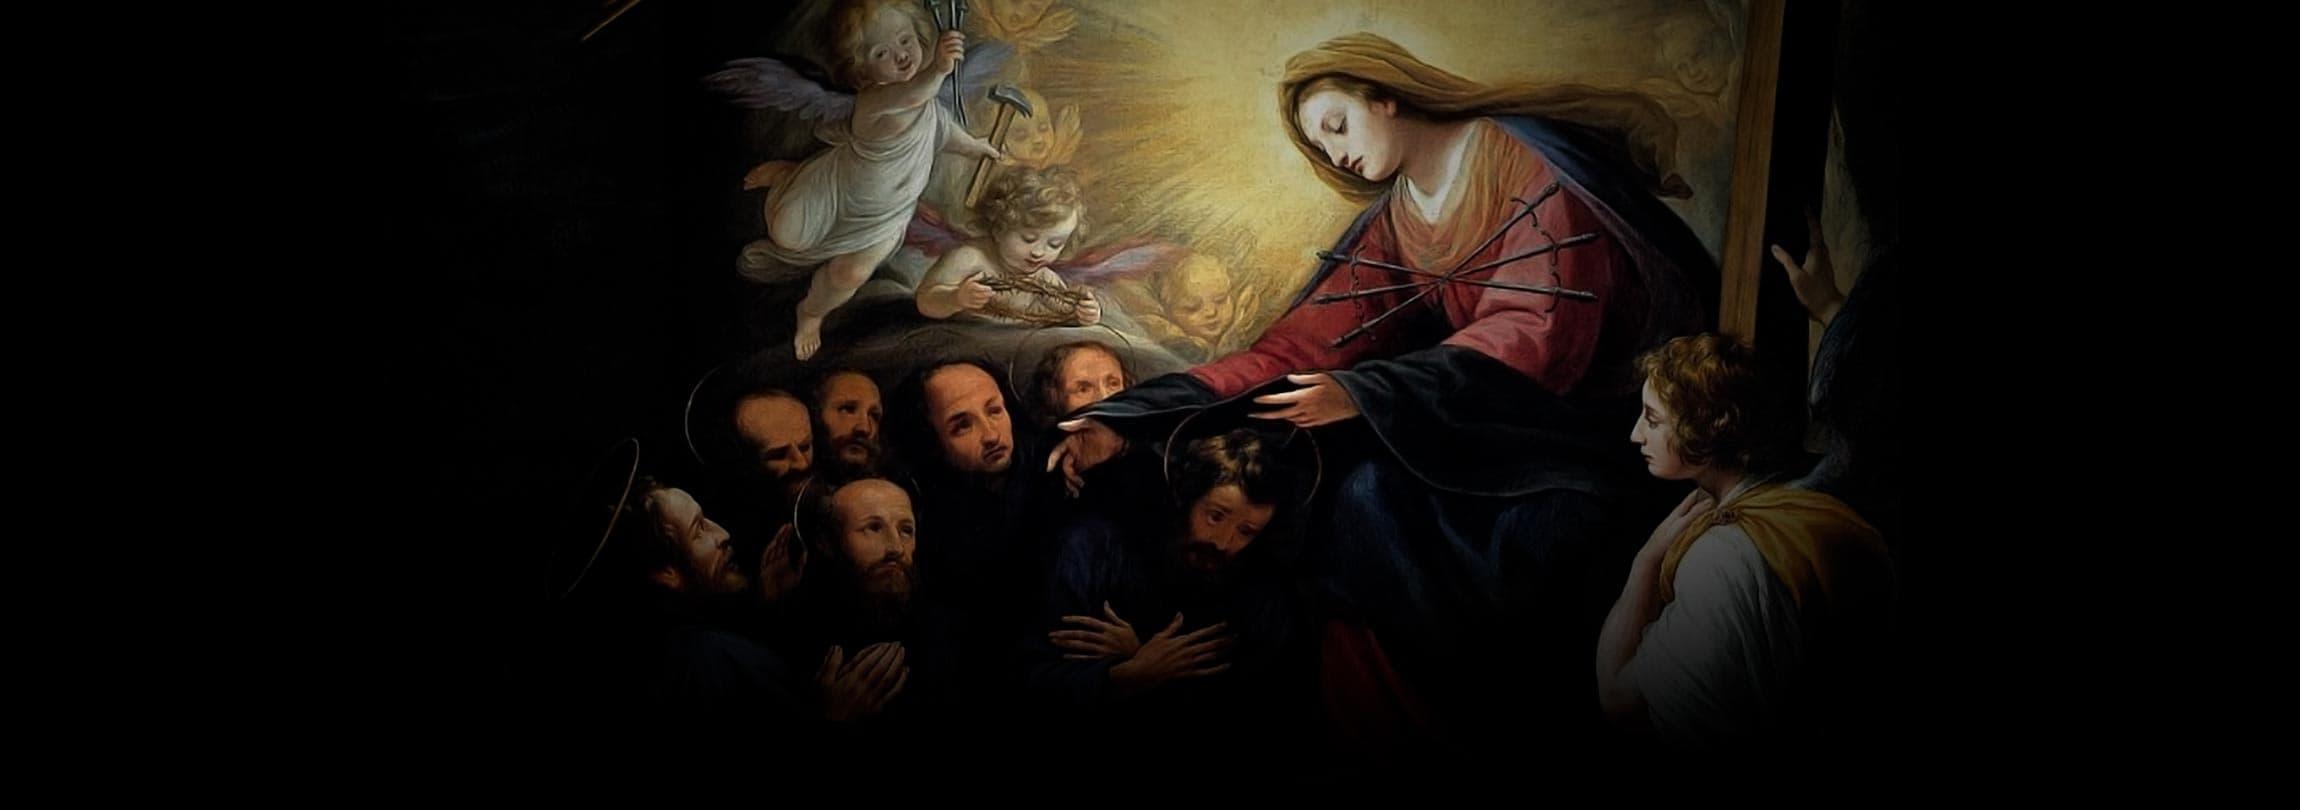 Consagração a Nossa Senhora, um caminho de santidade